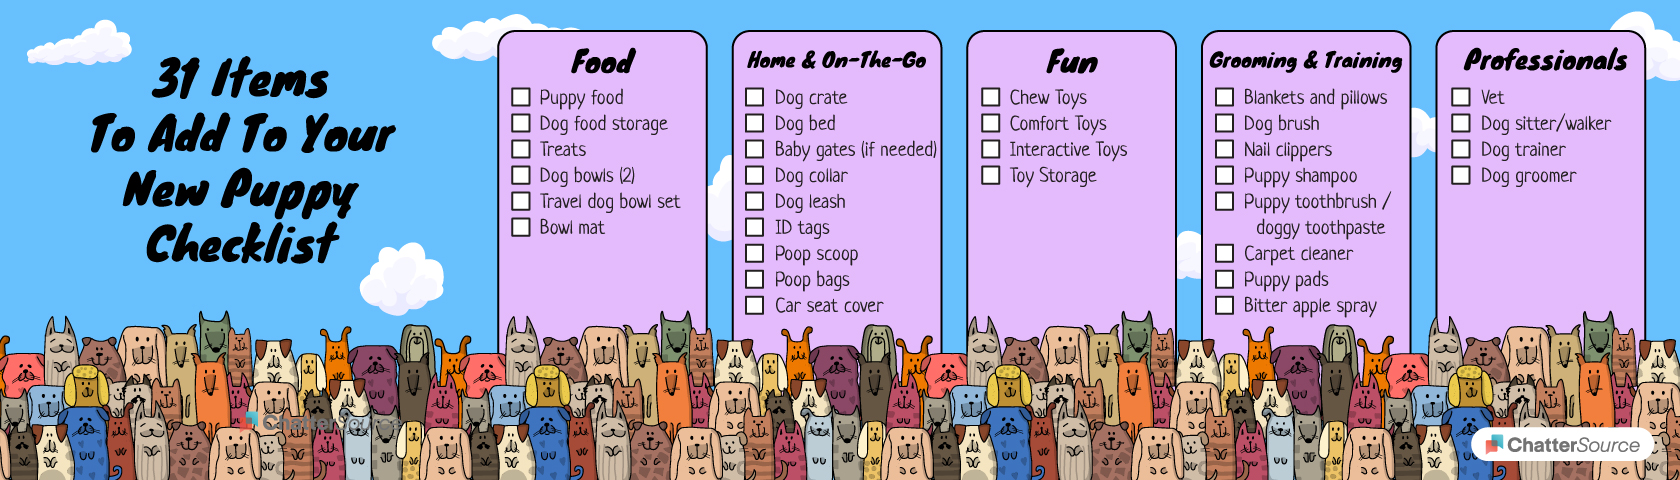 New puppy checklist infographic